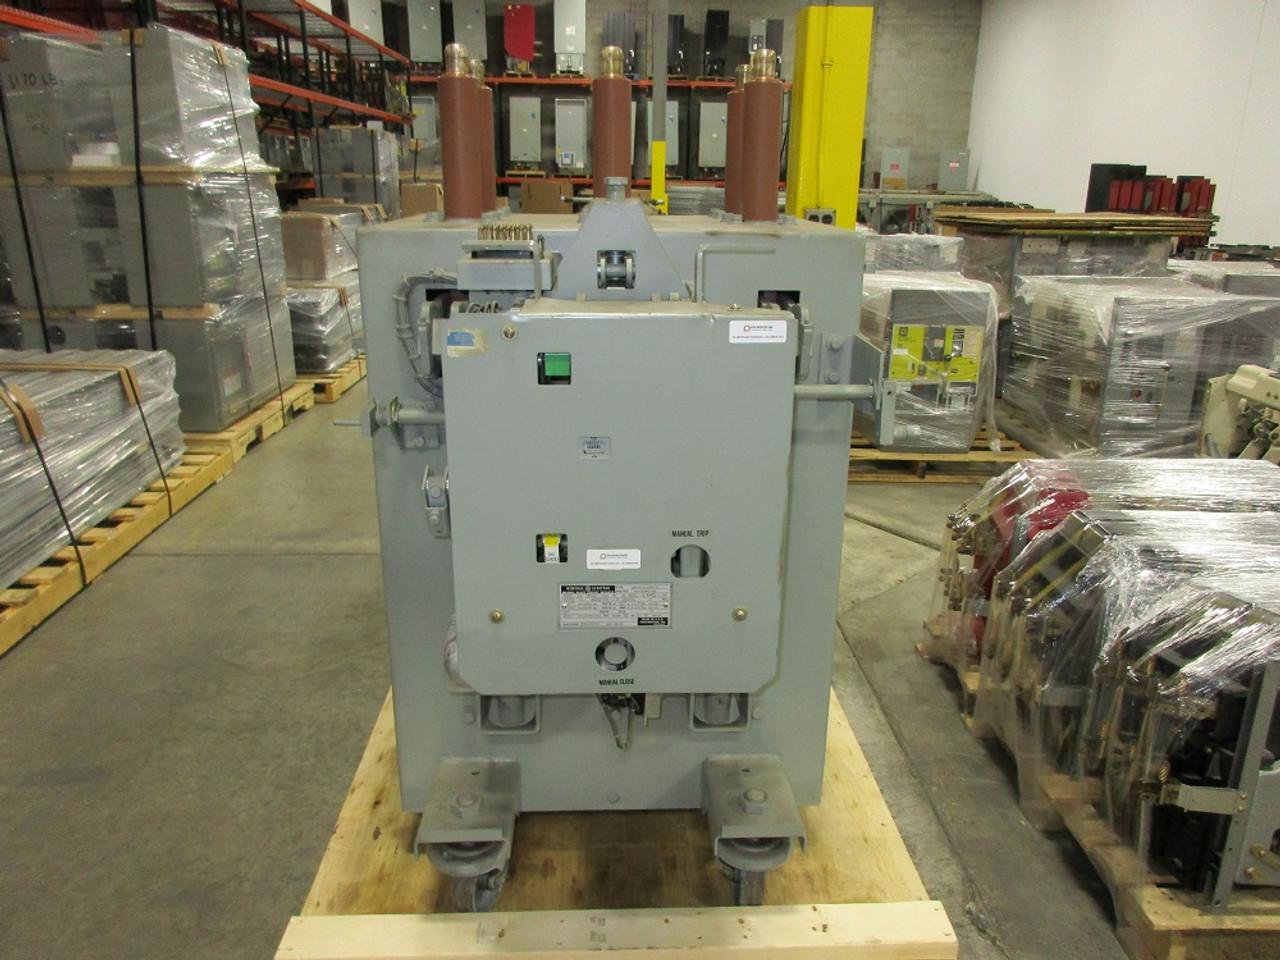 am 13 8 500 7h ge magne blast 1200a 15kv air circuit breaker  am 13 8 500 7h ge magne blast 1200a 15kv air circuit breaker bullock breakers